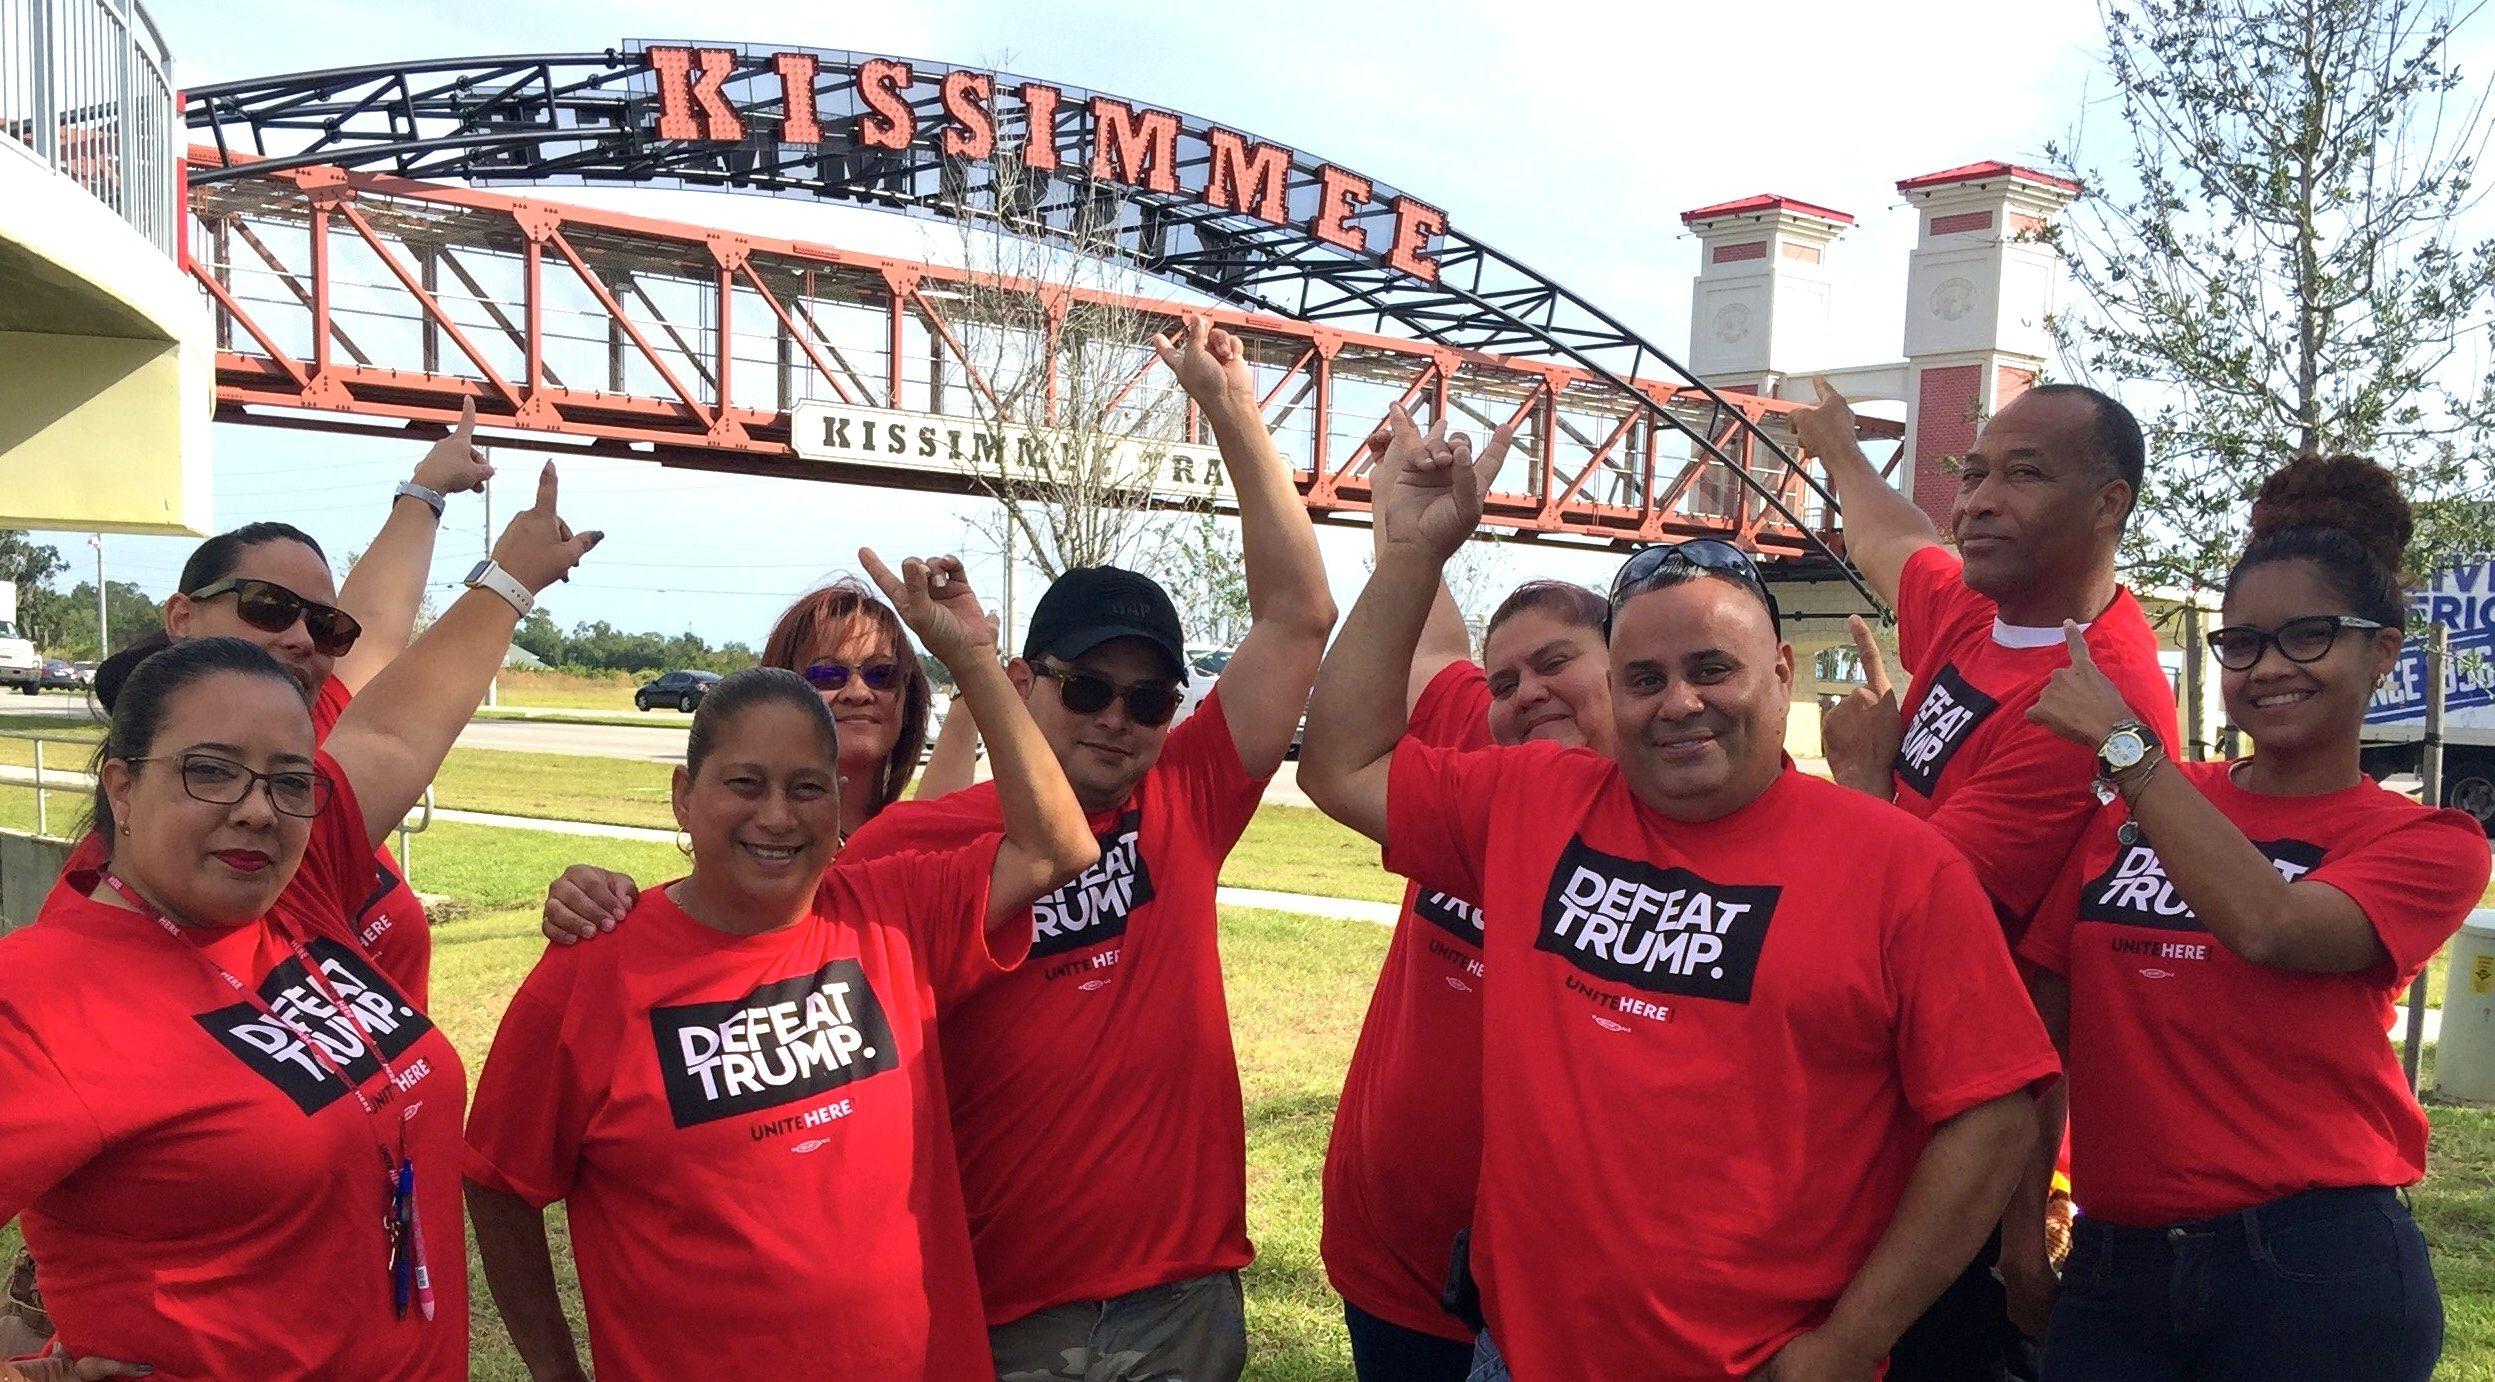 UniteHere-workers-in-Kissimmee.jpg